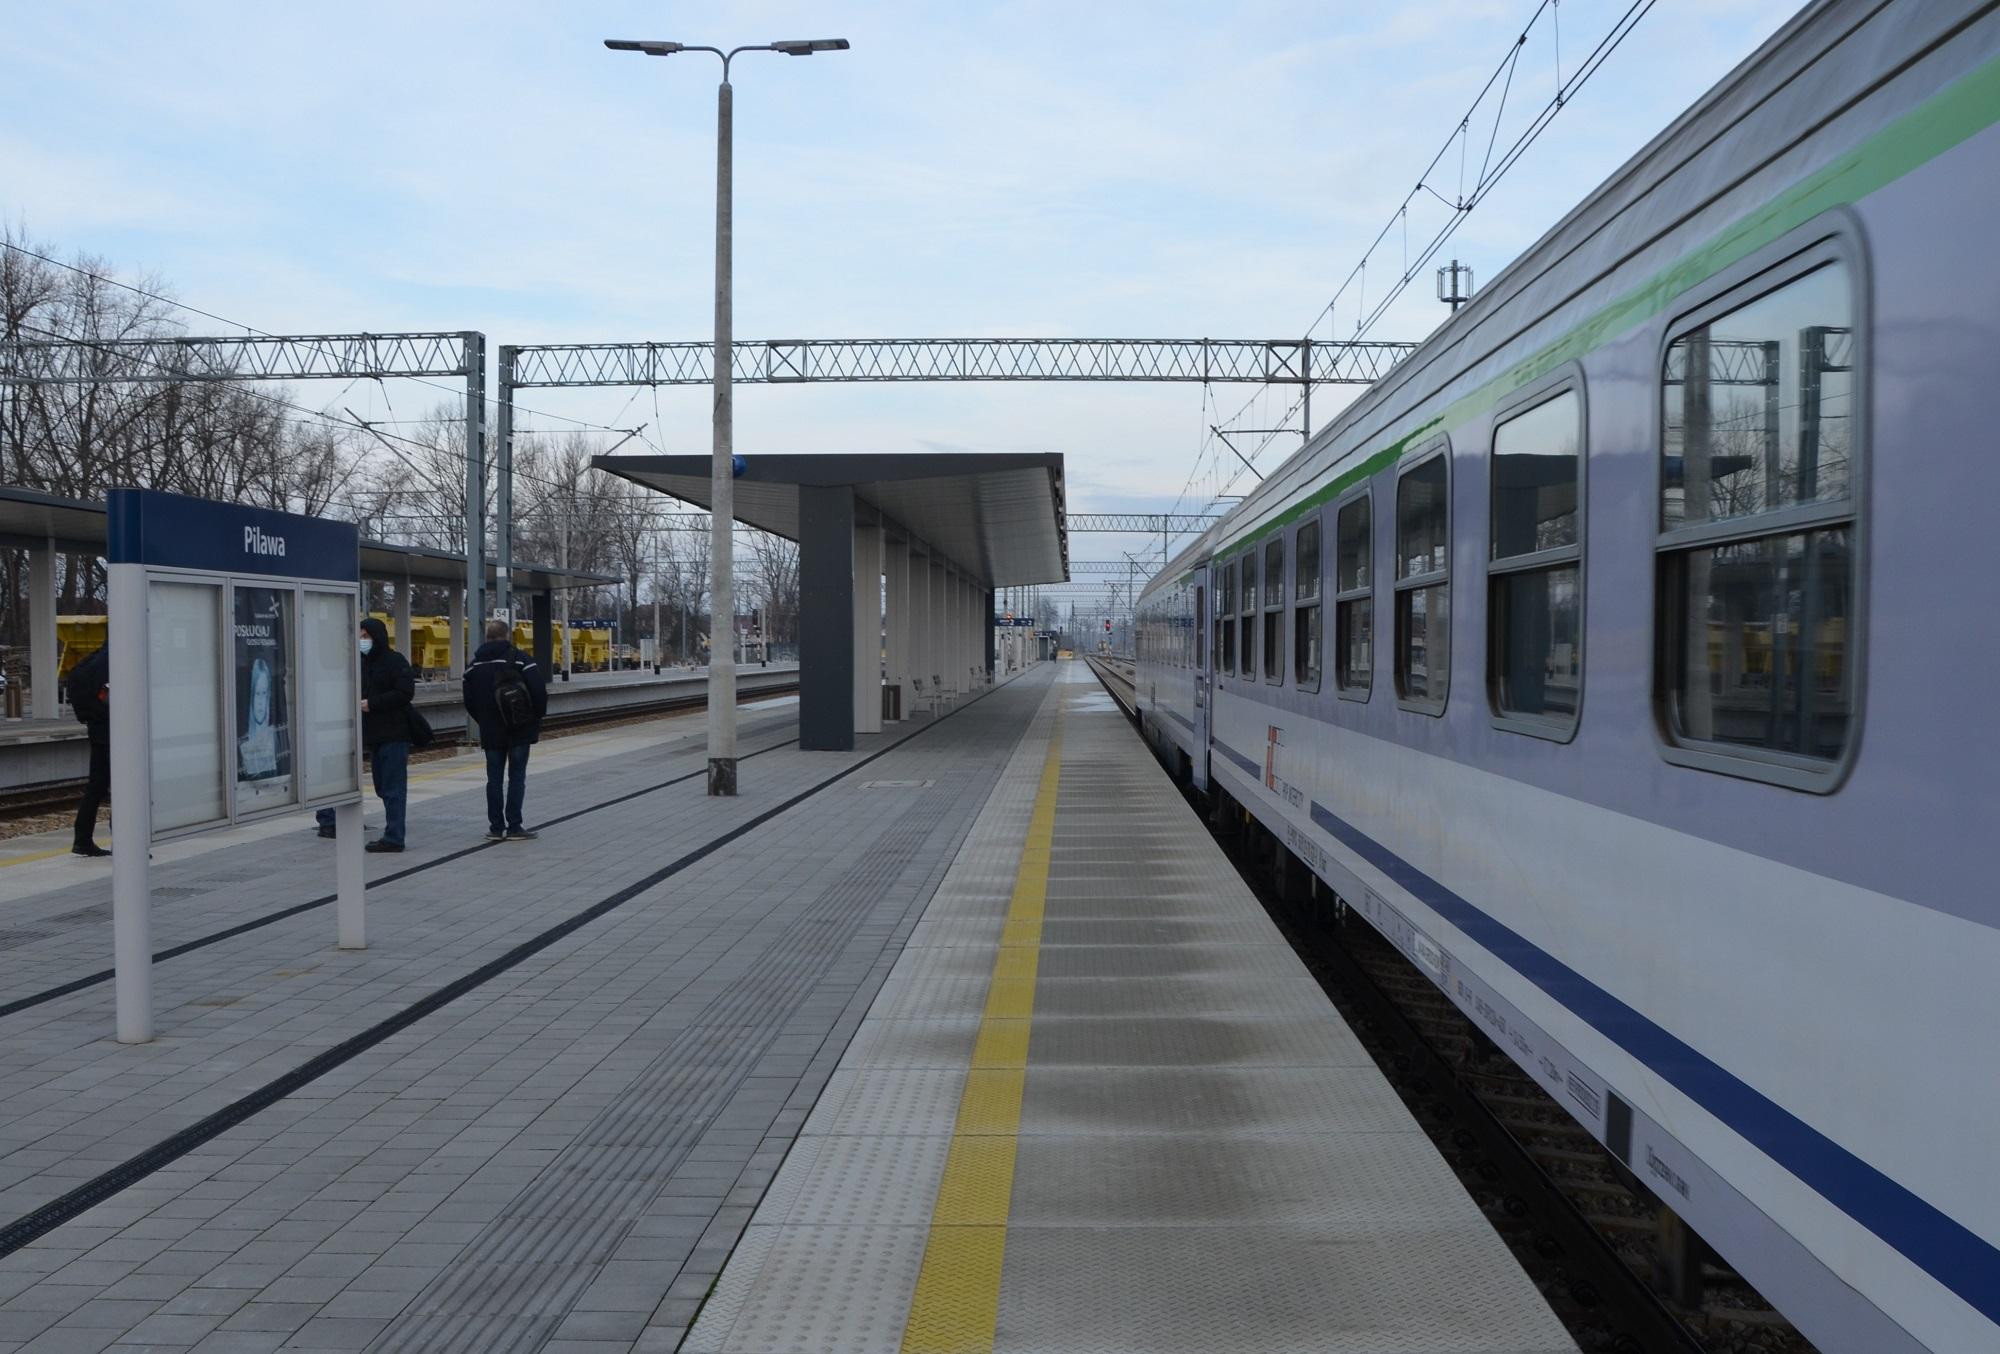 Na zdjęciu widać zmodernizowaną infrastrukturę pasażerską. Peron wyspowy w Pilawie wyposażony jest w duże wiaty, nowe tablice informacyjne, oświetlenie i ławki z których korzystają pasażerowie. Po drugiej krawędzi peronu widać pociąg.